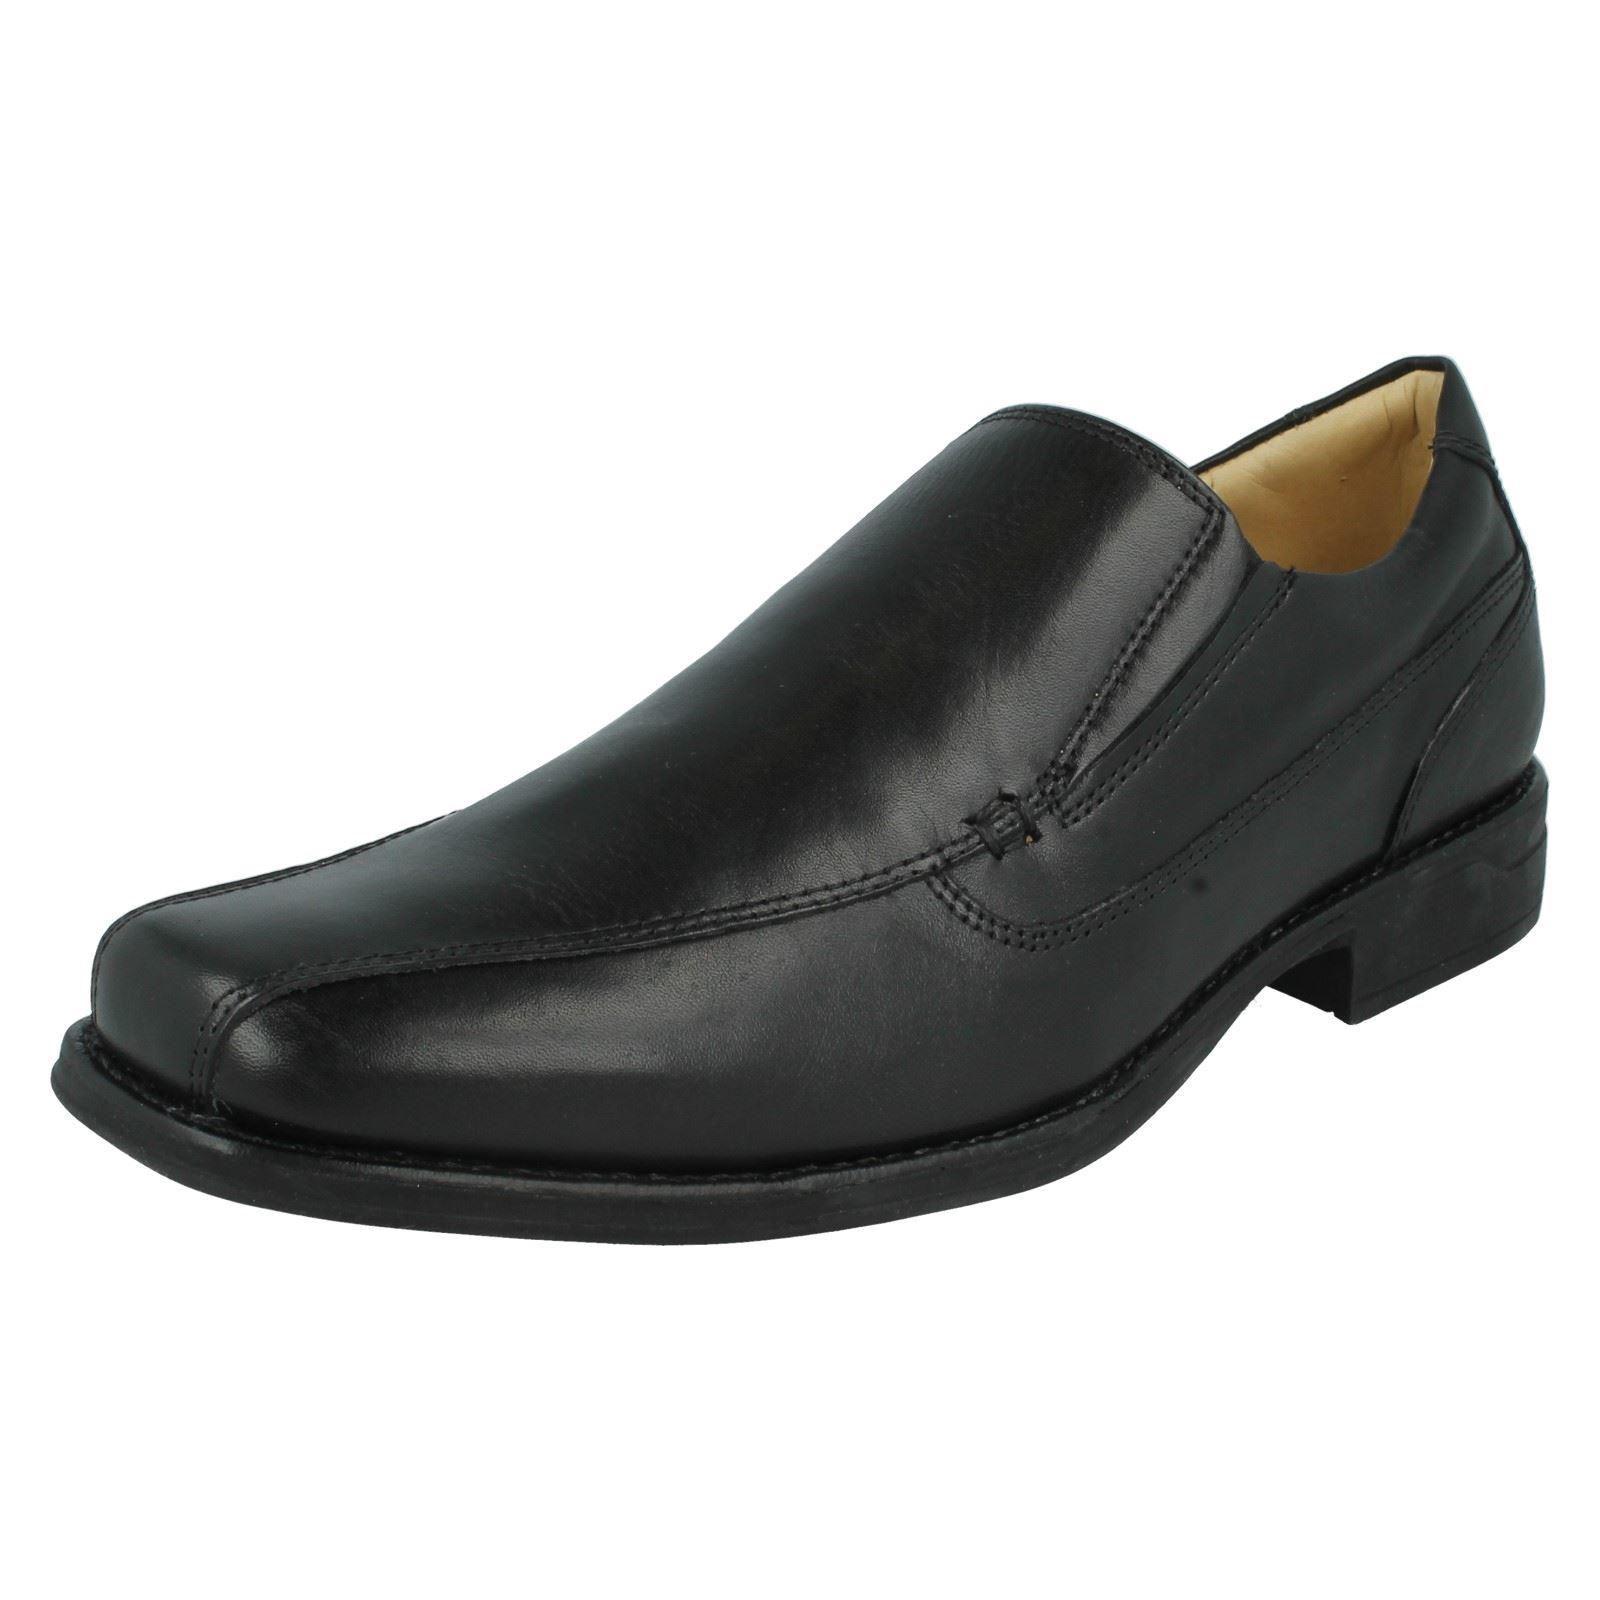 Herren Poloni schwarzes Leder Slipper von Anatomic Gel